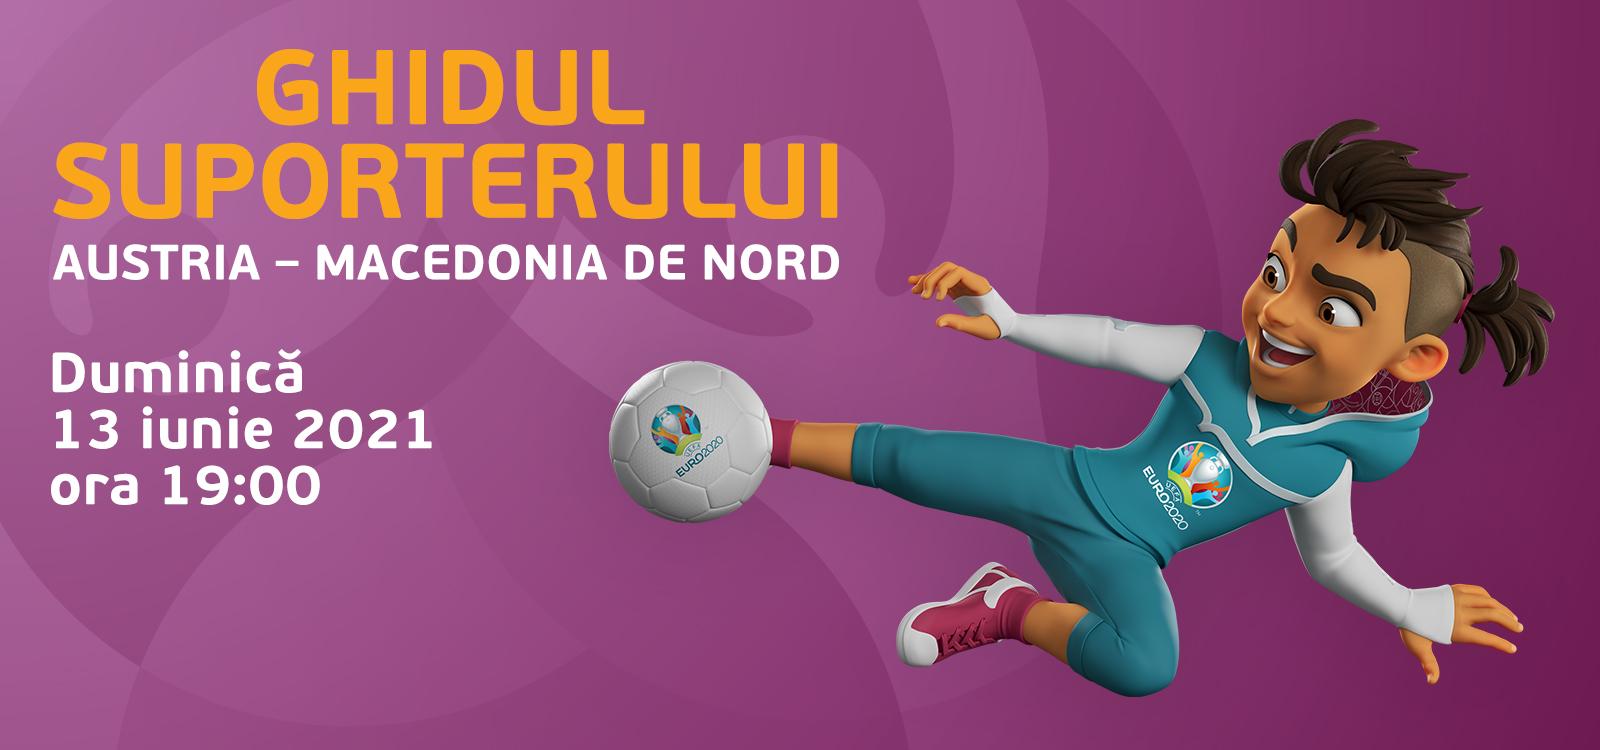 Ghidul suporterului pentru meciul Austria – Macedonia de Nord 1